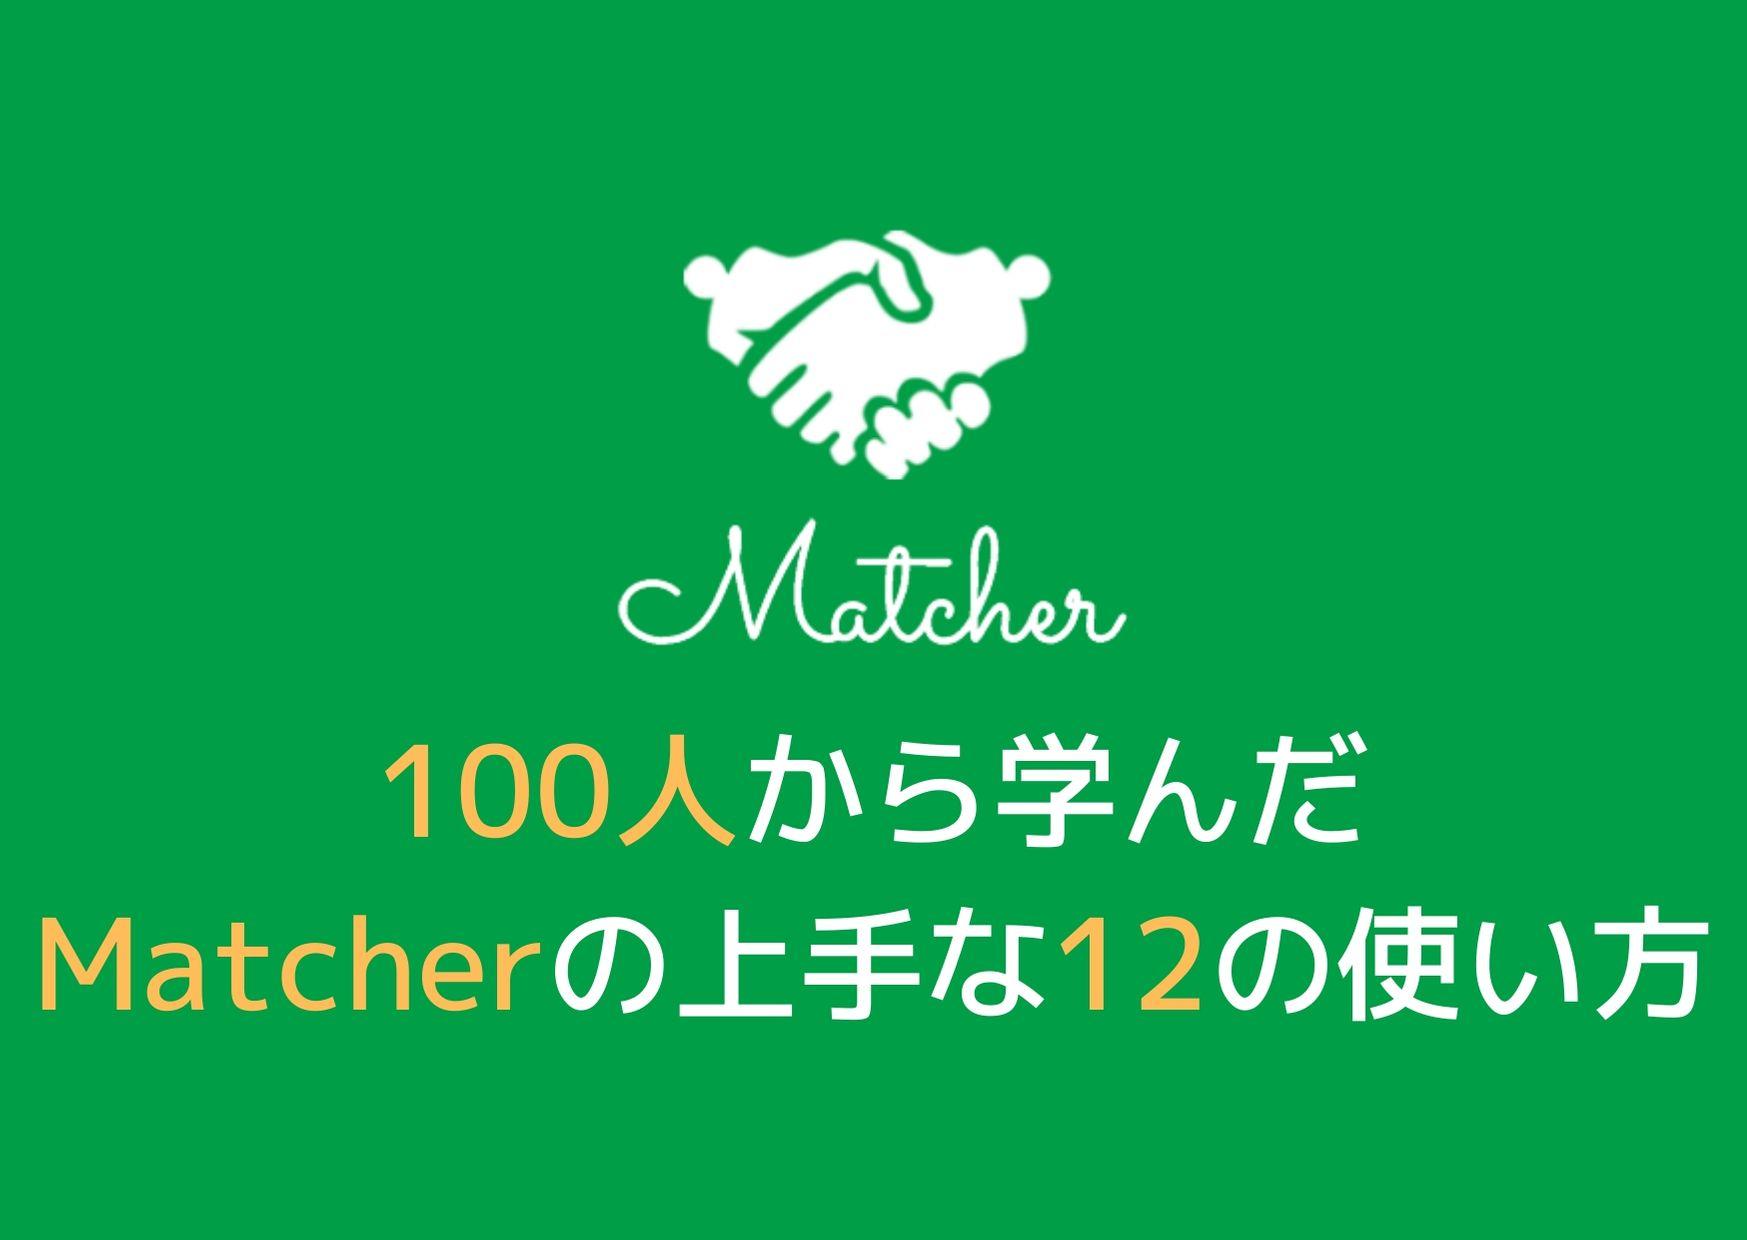 100人から学んだMatcher(マッチャー)の上手な12の使い方